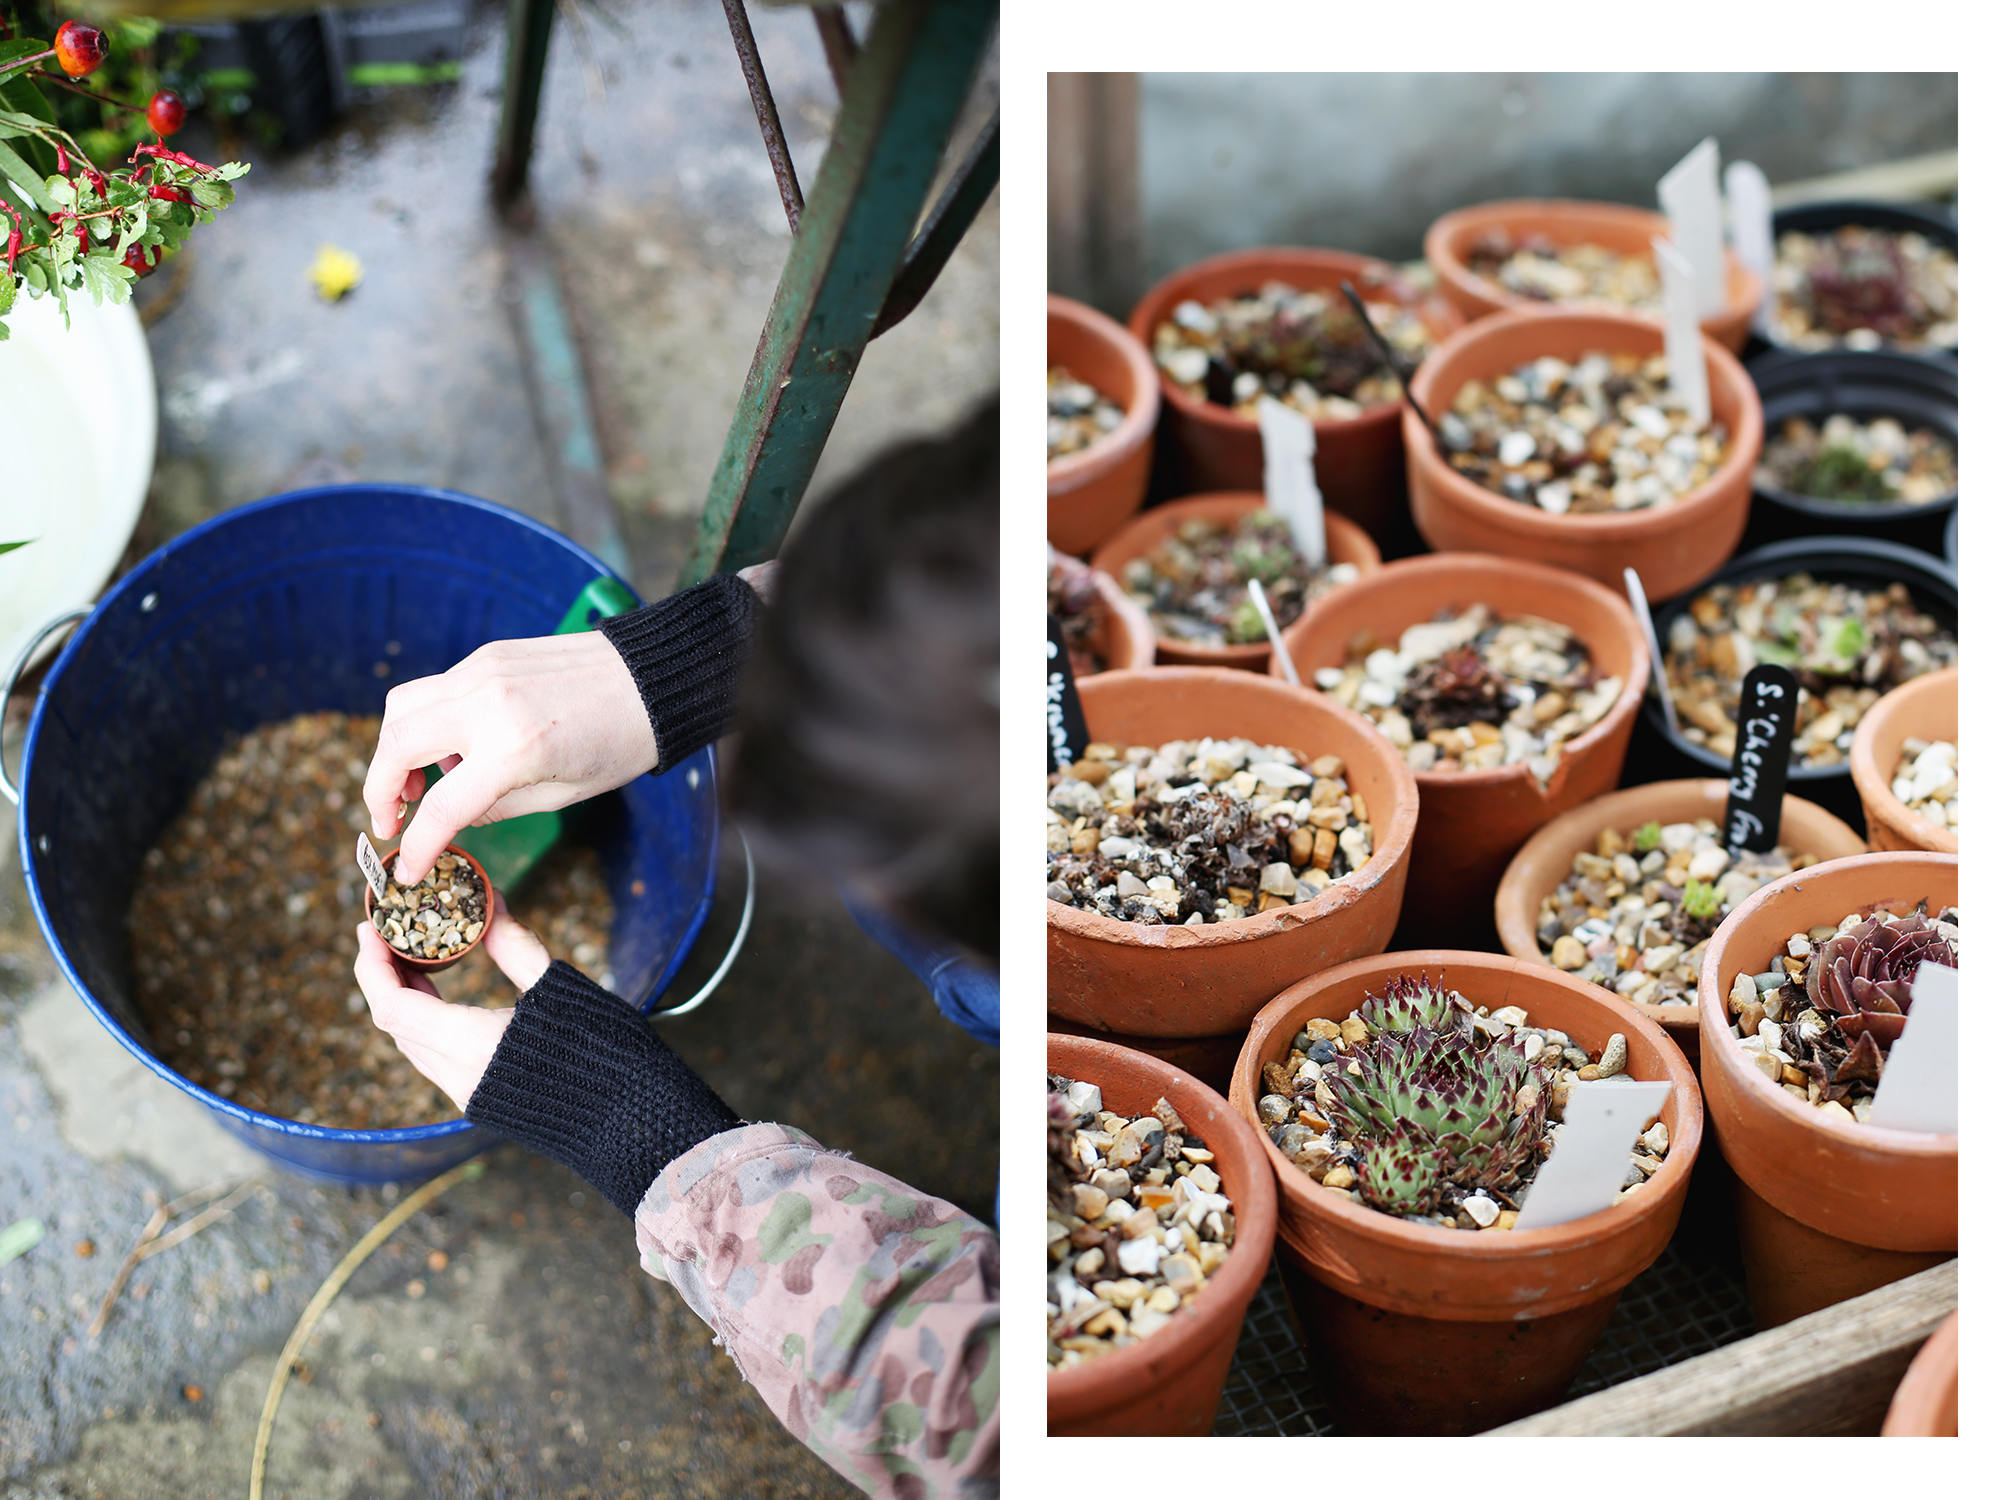 Lyndsey Haskey Gardening